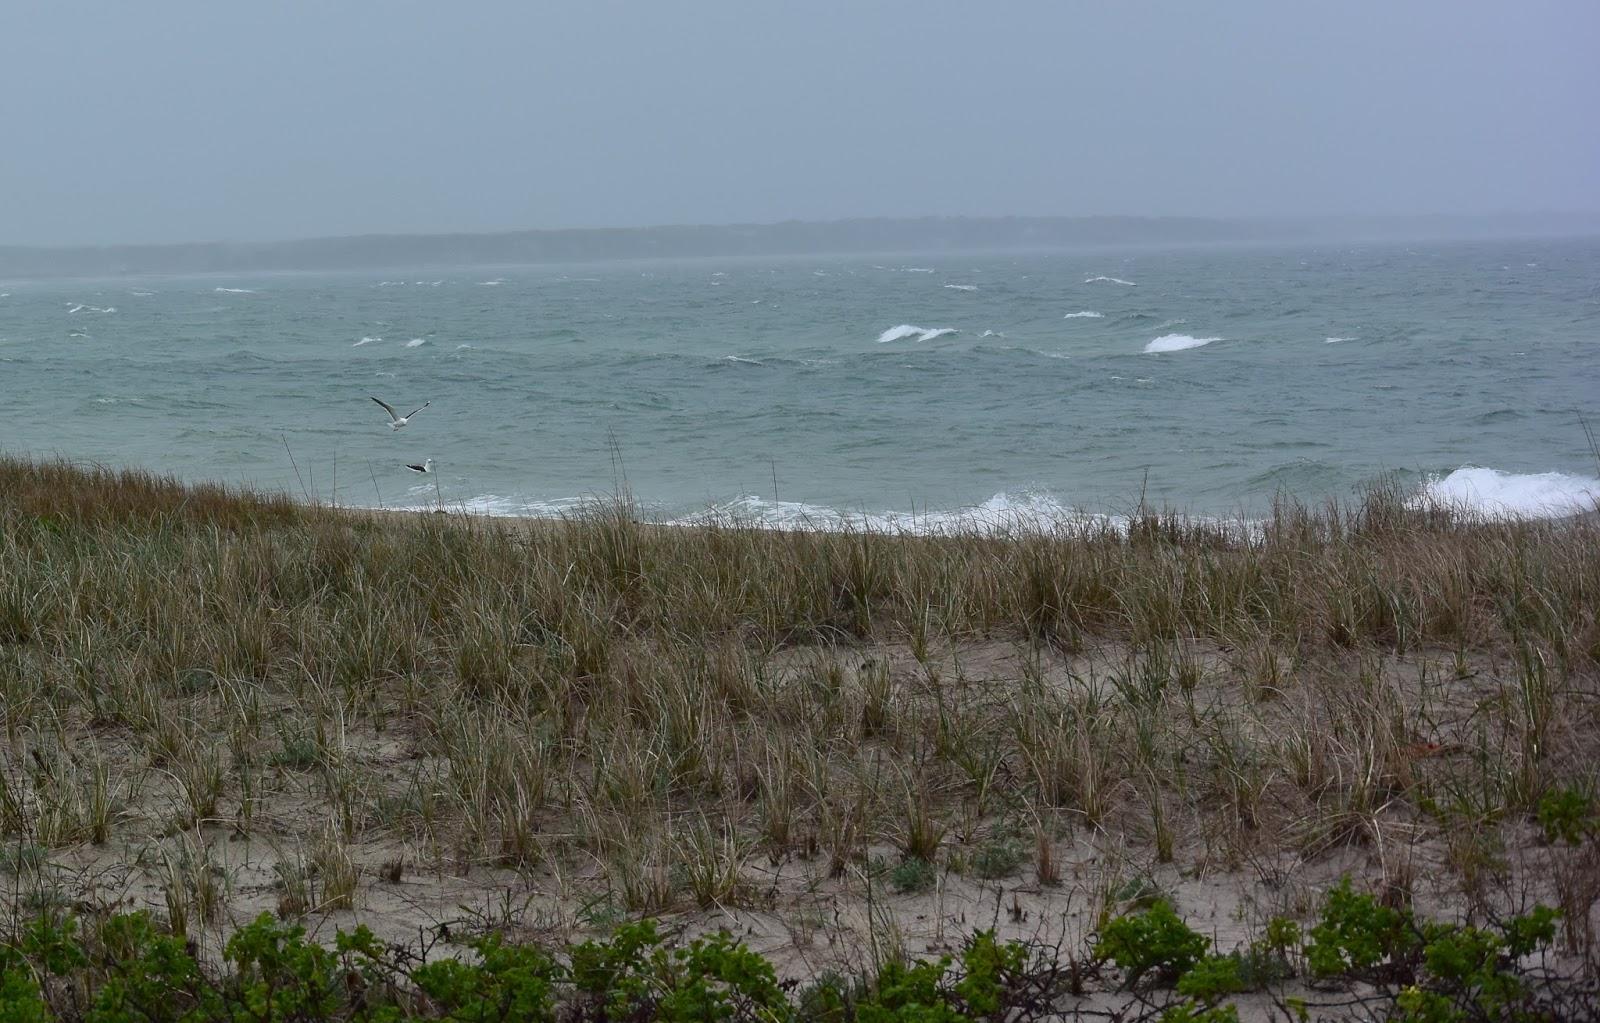 Ocean views from Oak Bluffs, Martha's Vineyard